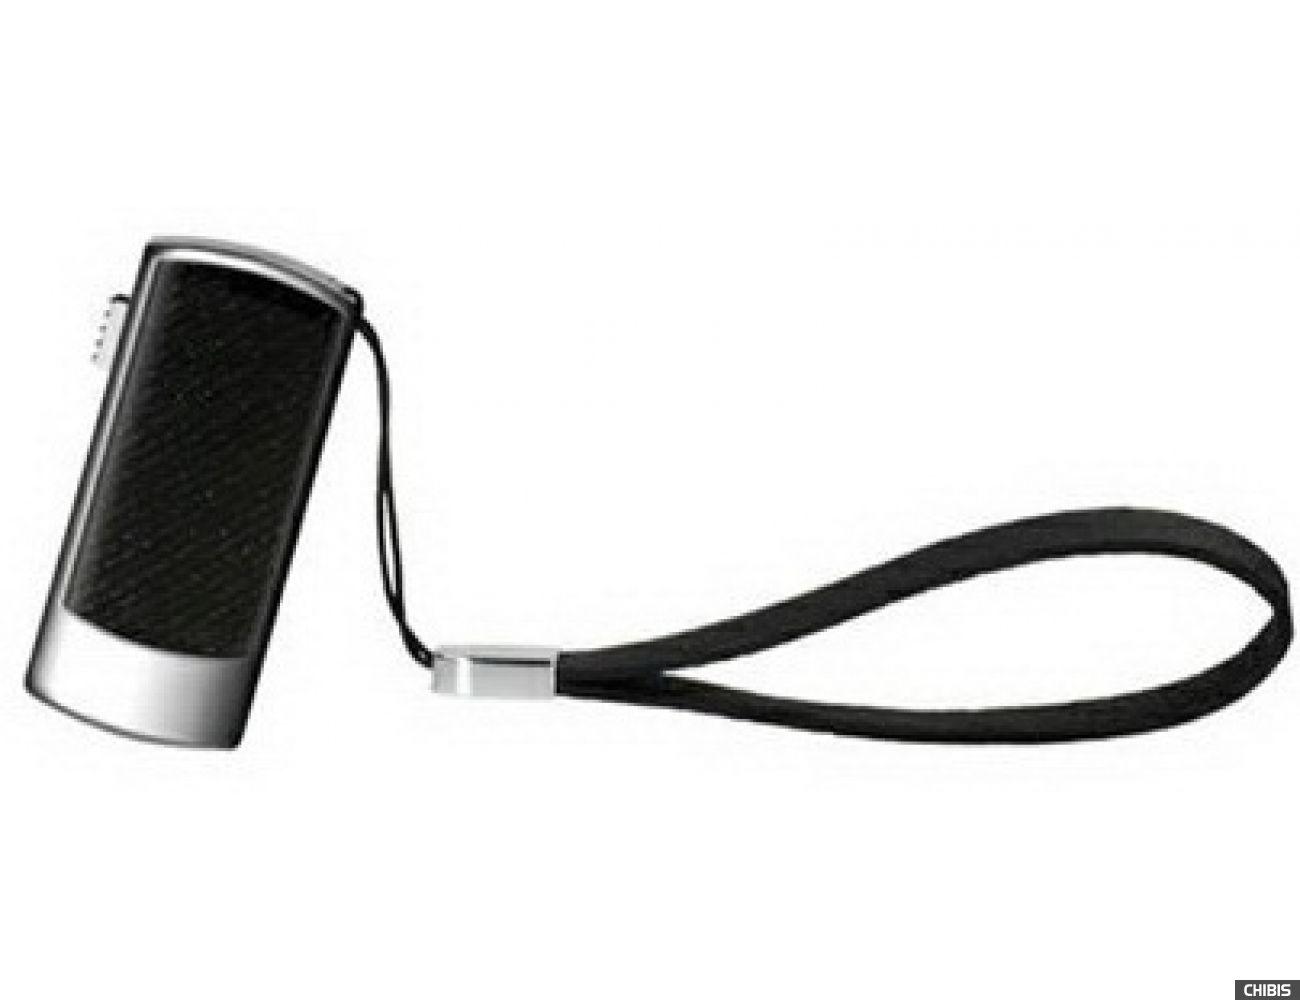 Флеш накопитель USB TRANSCEND JetFlash V95 8GB (c черной вставкой)